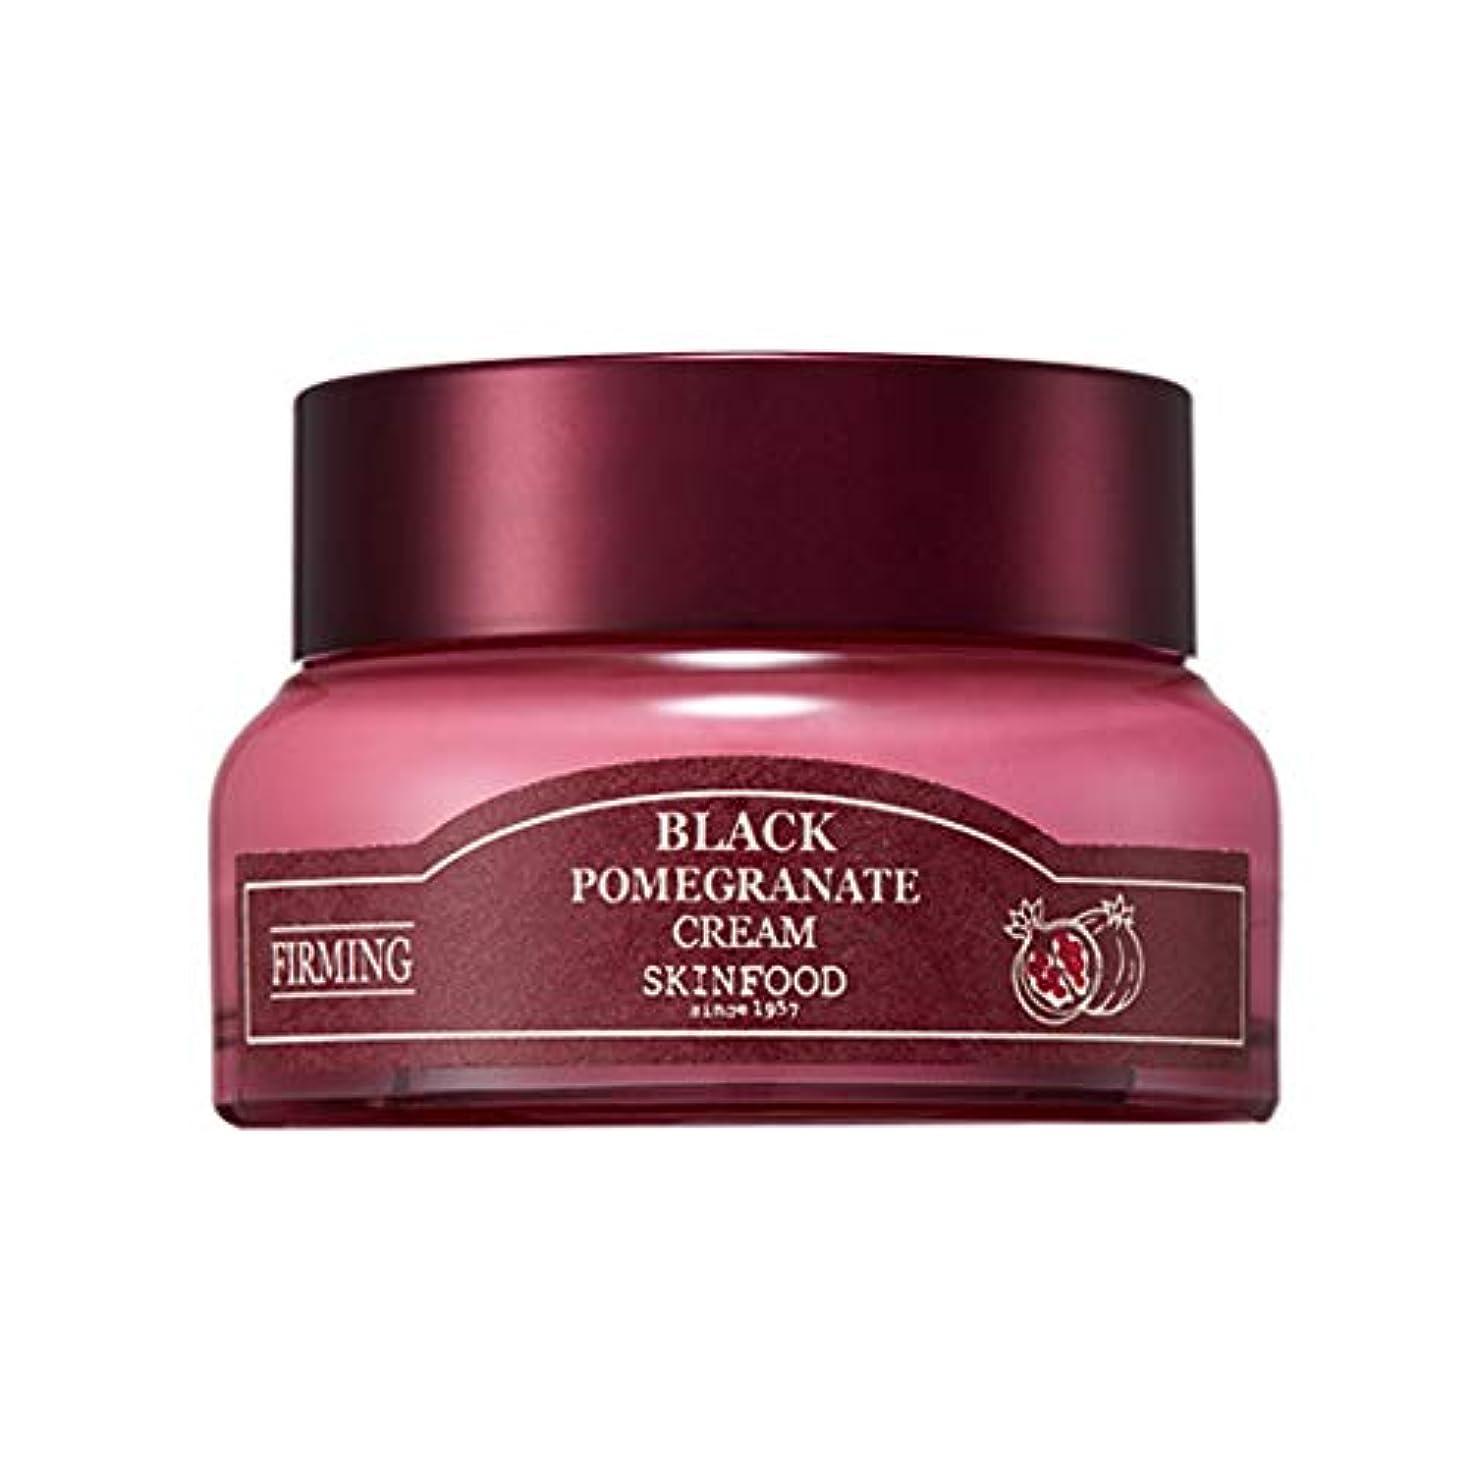 アリーナ一回サンドイッチSkinfood 黒ザクロクリーム(しわ防止効果) / Black Pomegranate Cream (Anti-Wrinkle Effect) 54ml [並行輸入品]